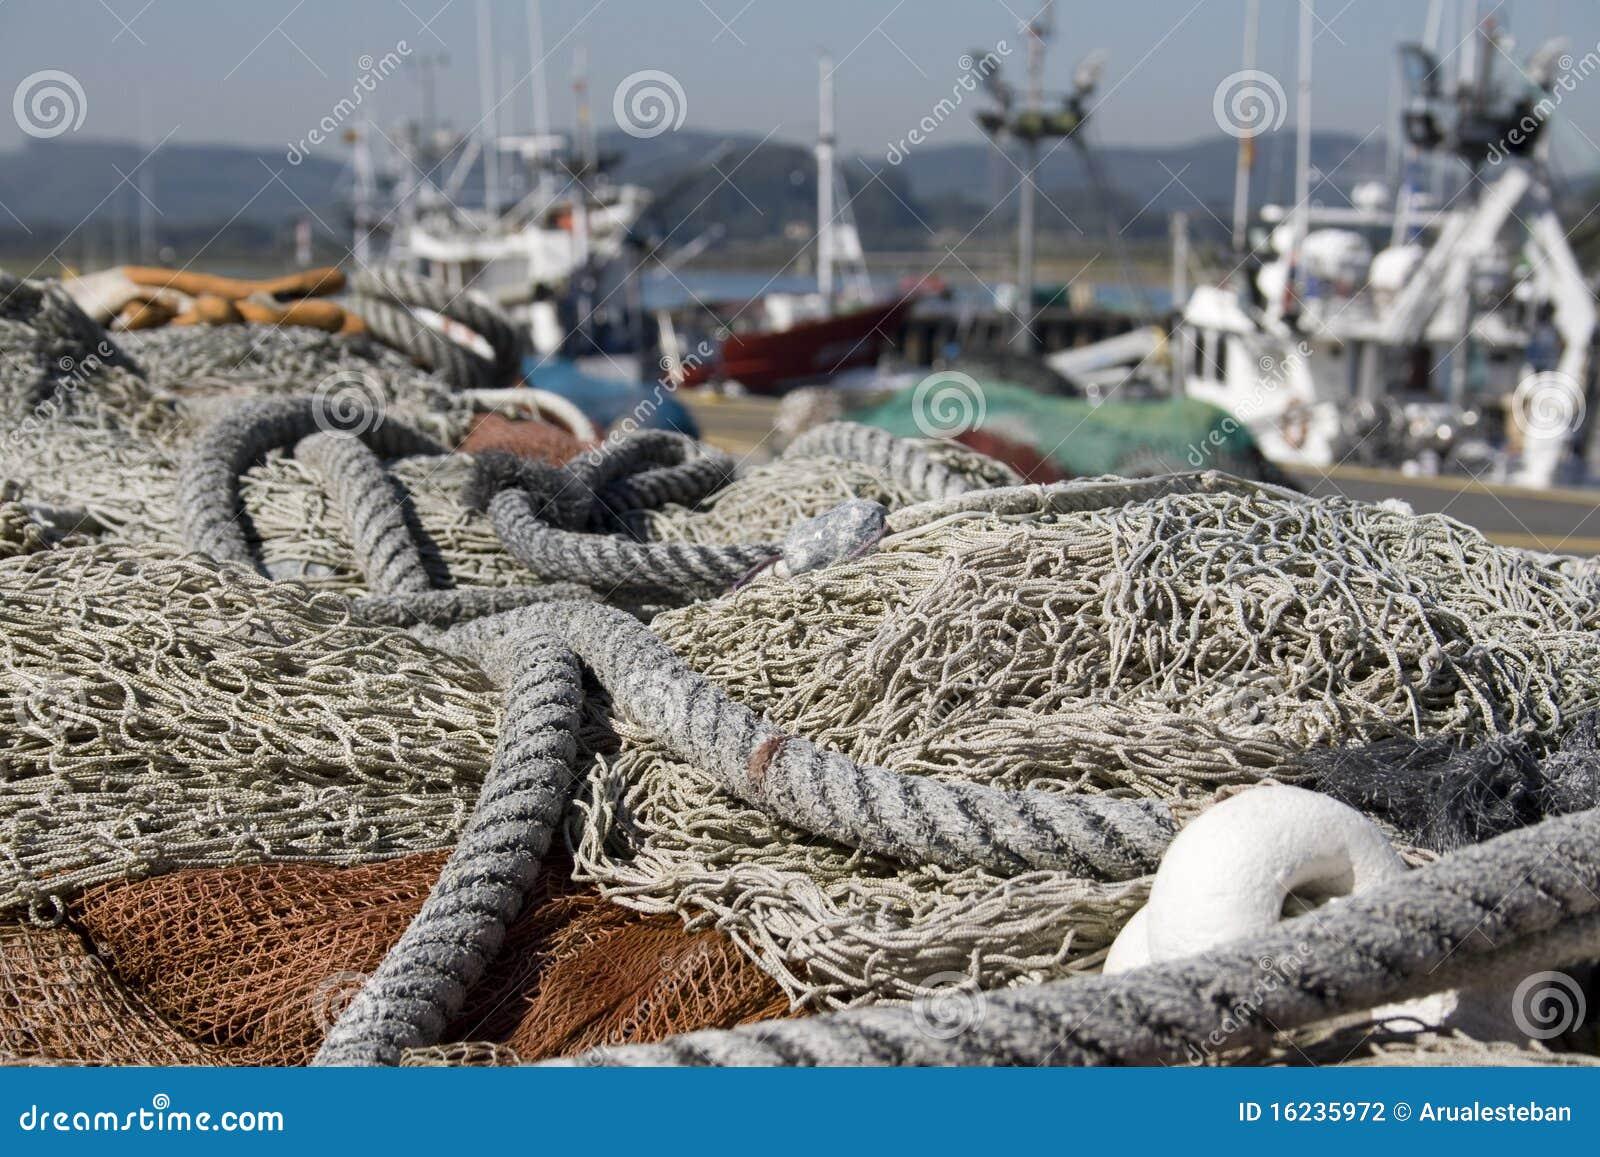 Redes de pesca para pescar en el mar fotograf a de archivo - Redes de pesca decorativas ...